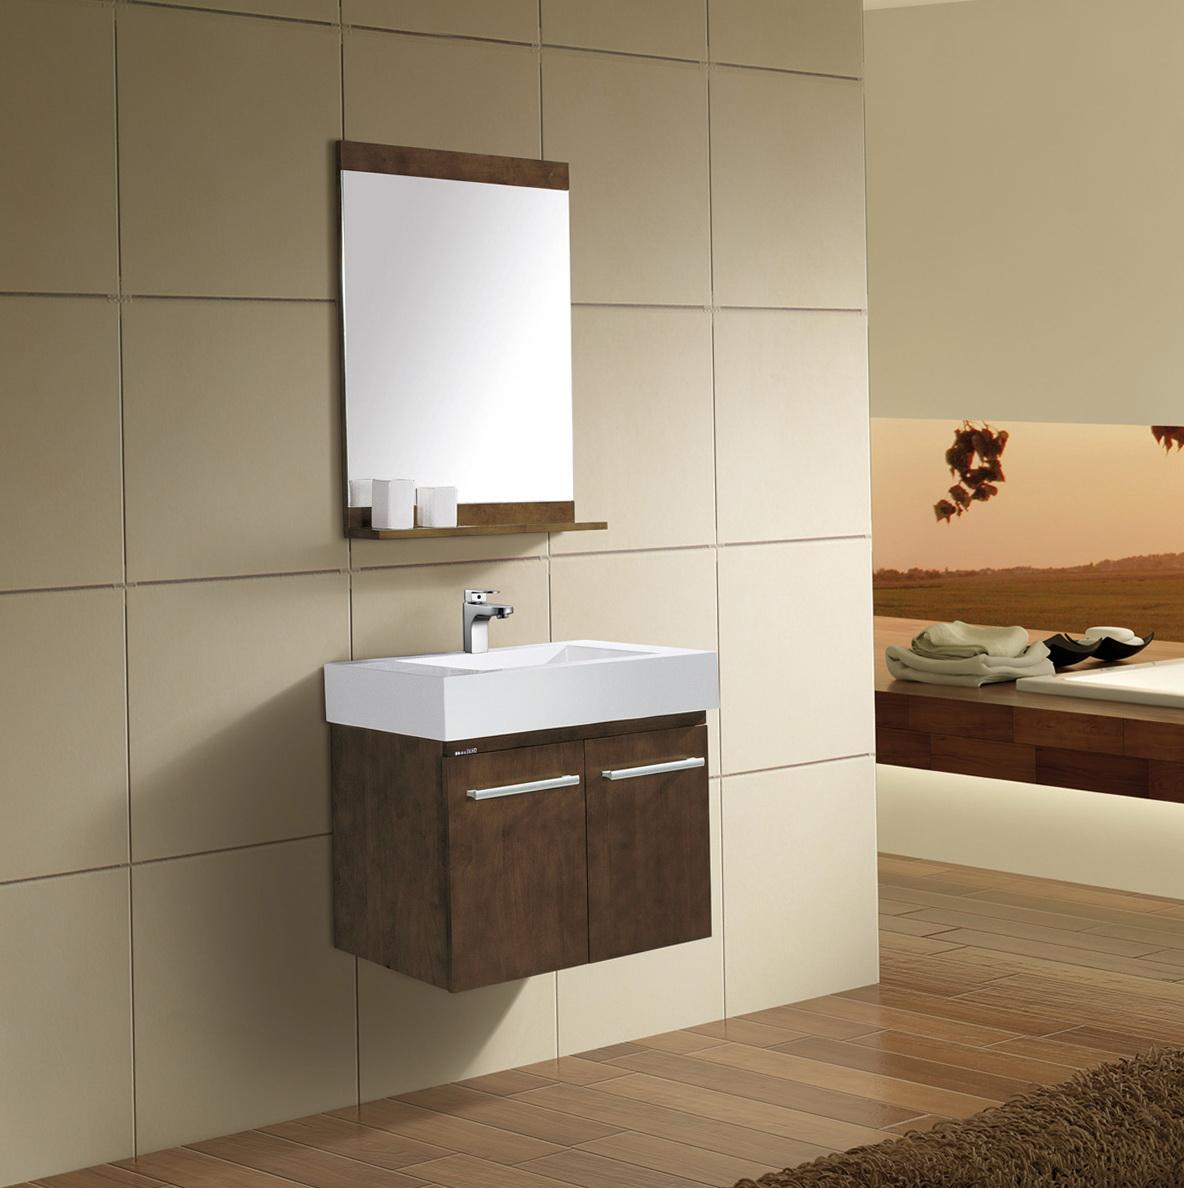 Bathroom wall mounted cabinet